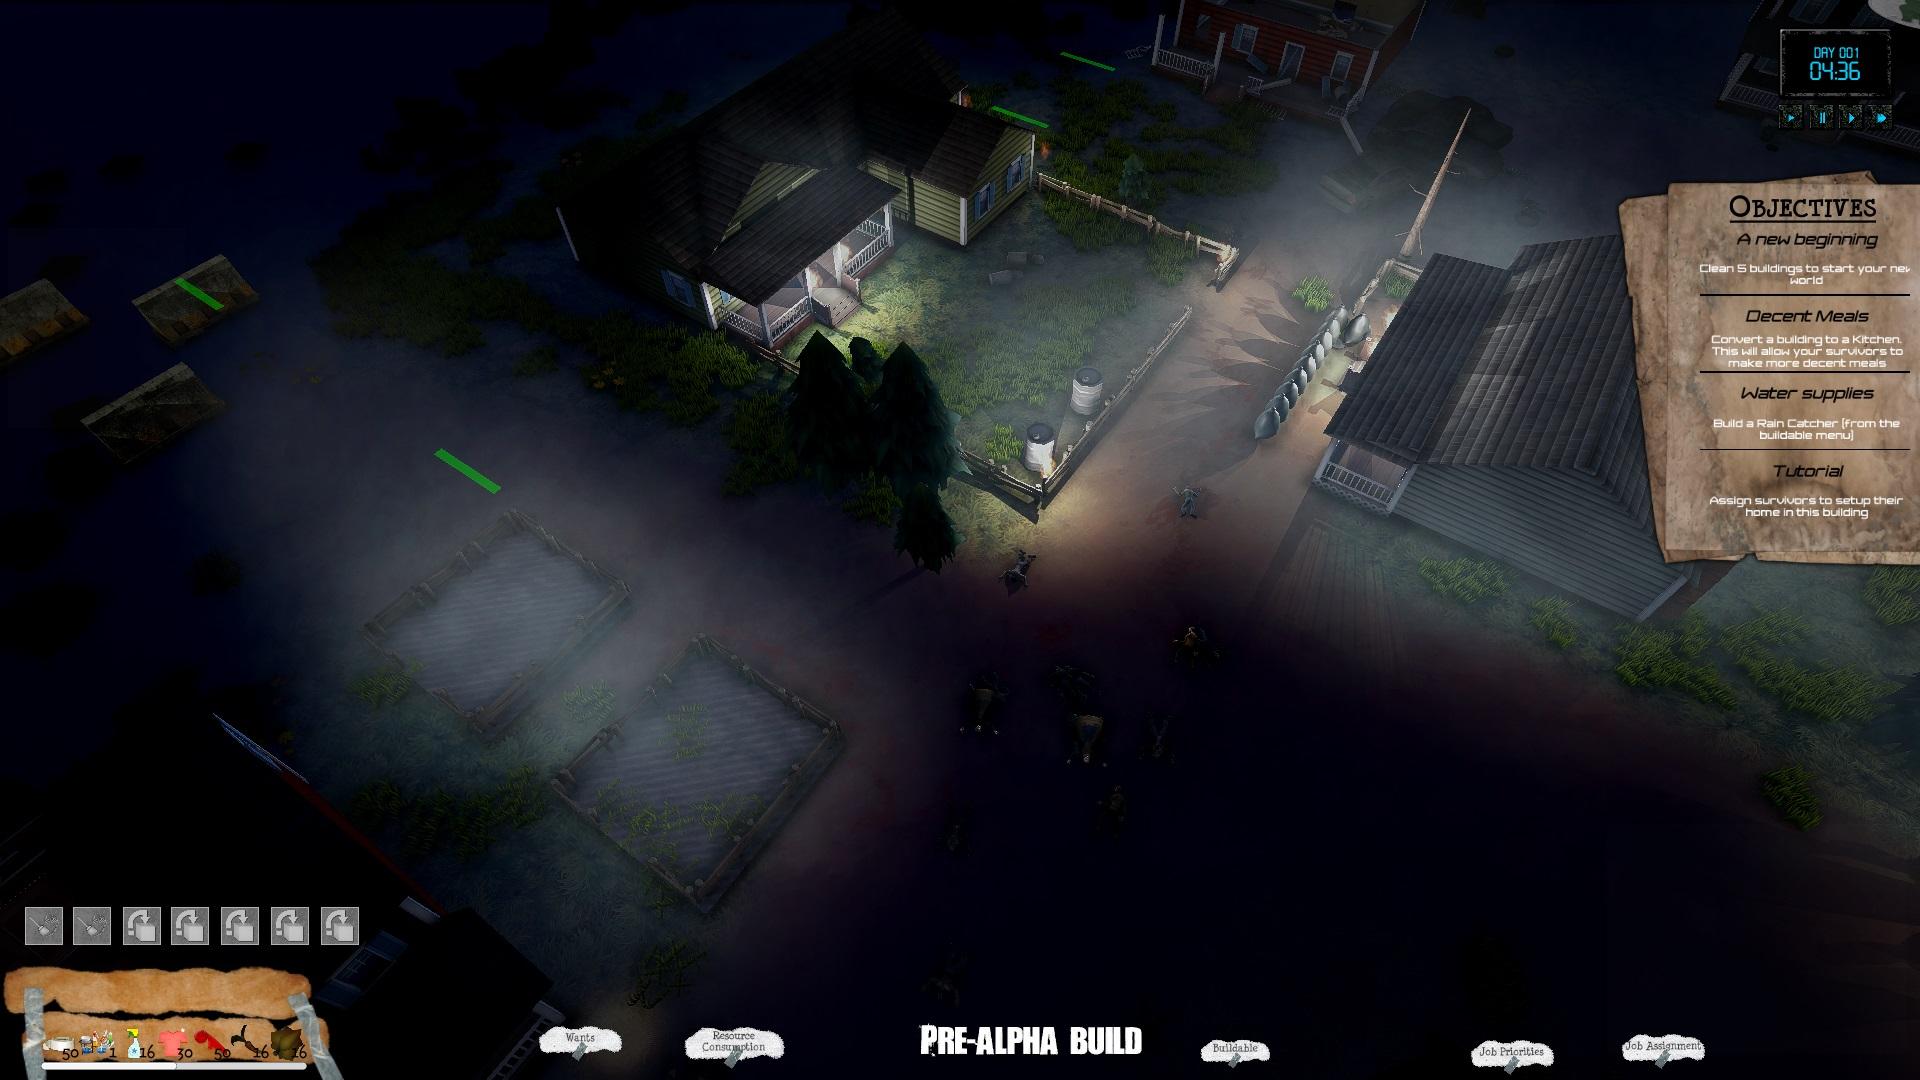 A village at night